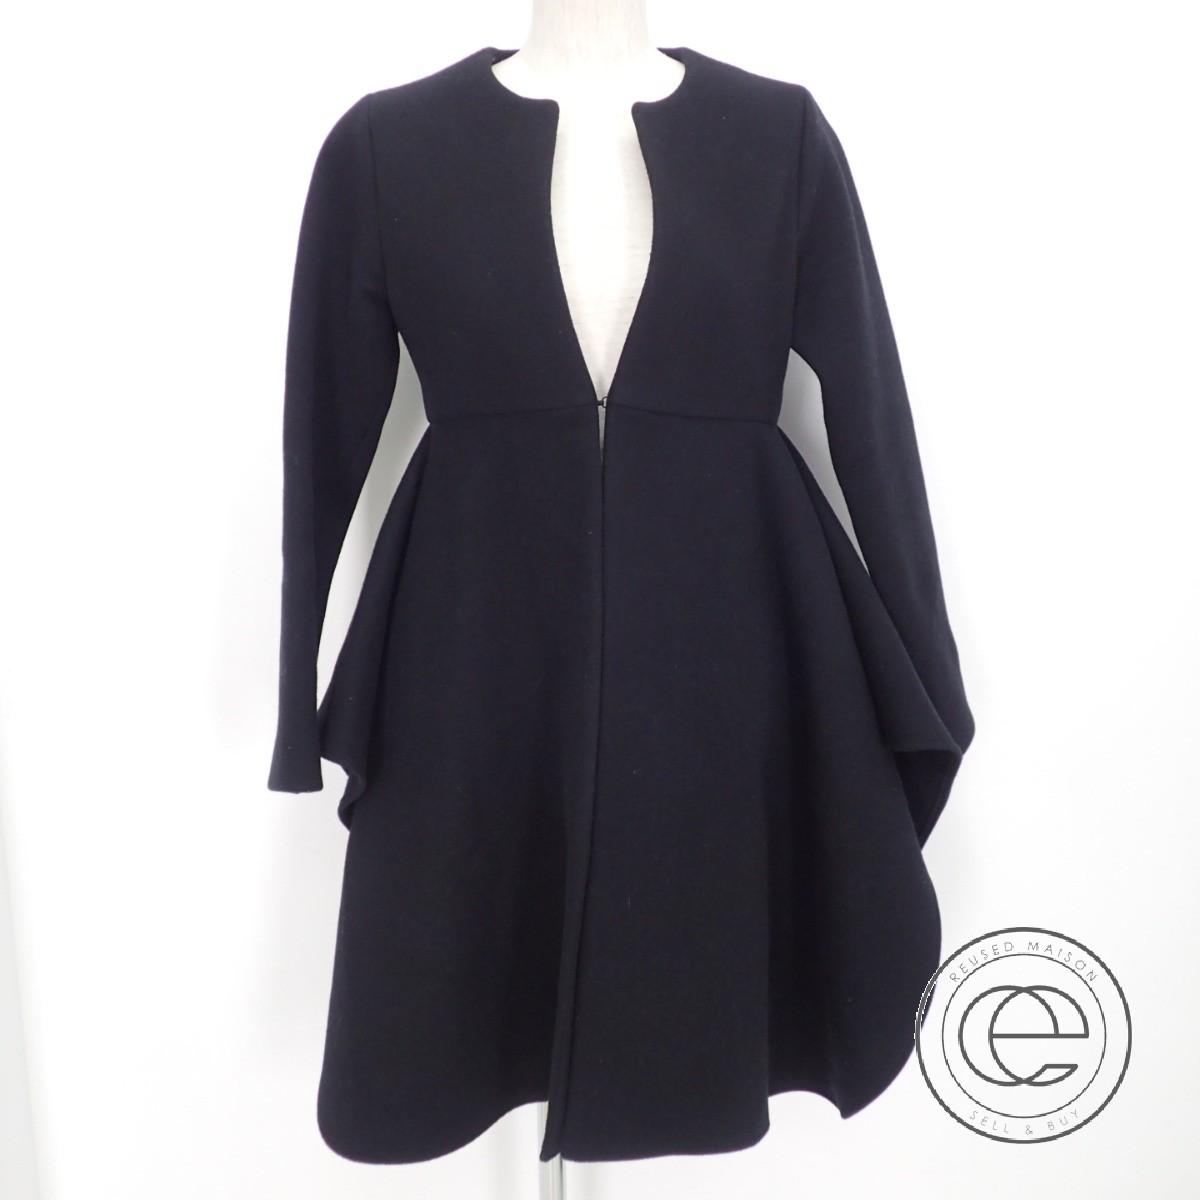 YOKO CHAN ヨーコチャン YCC-316-058 ウール 裾フレア ノーカラーコート36 ブラック レディース 【中古】